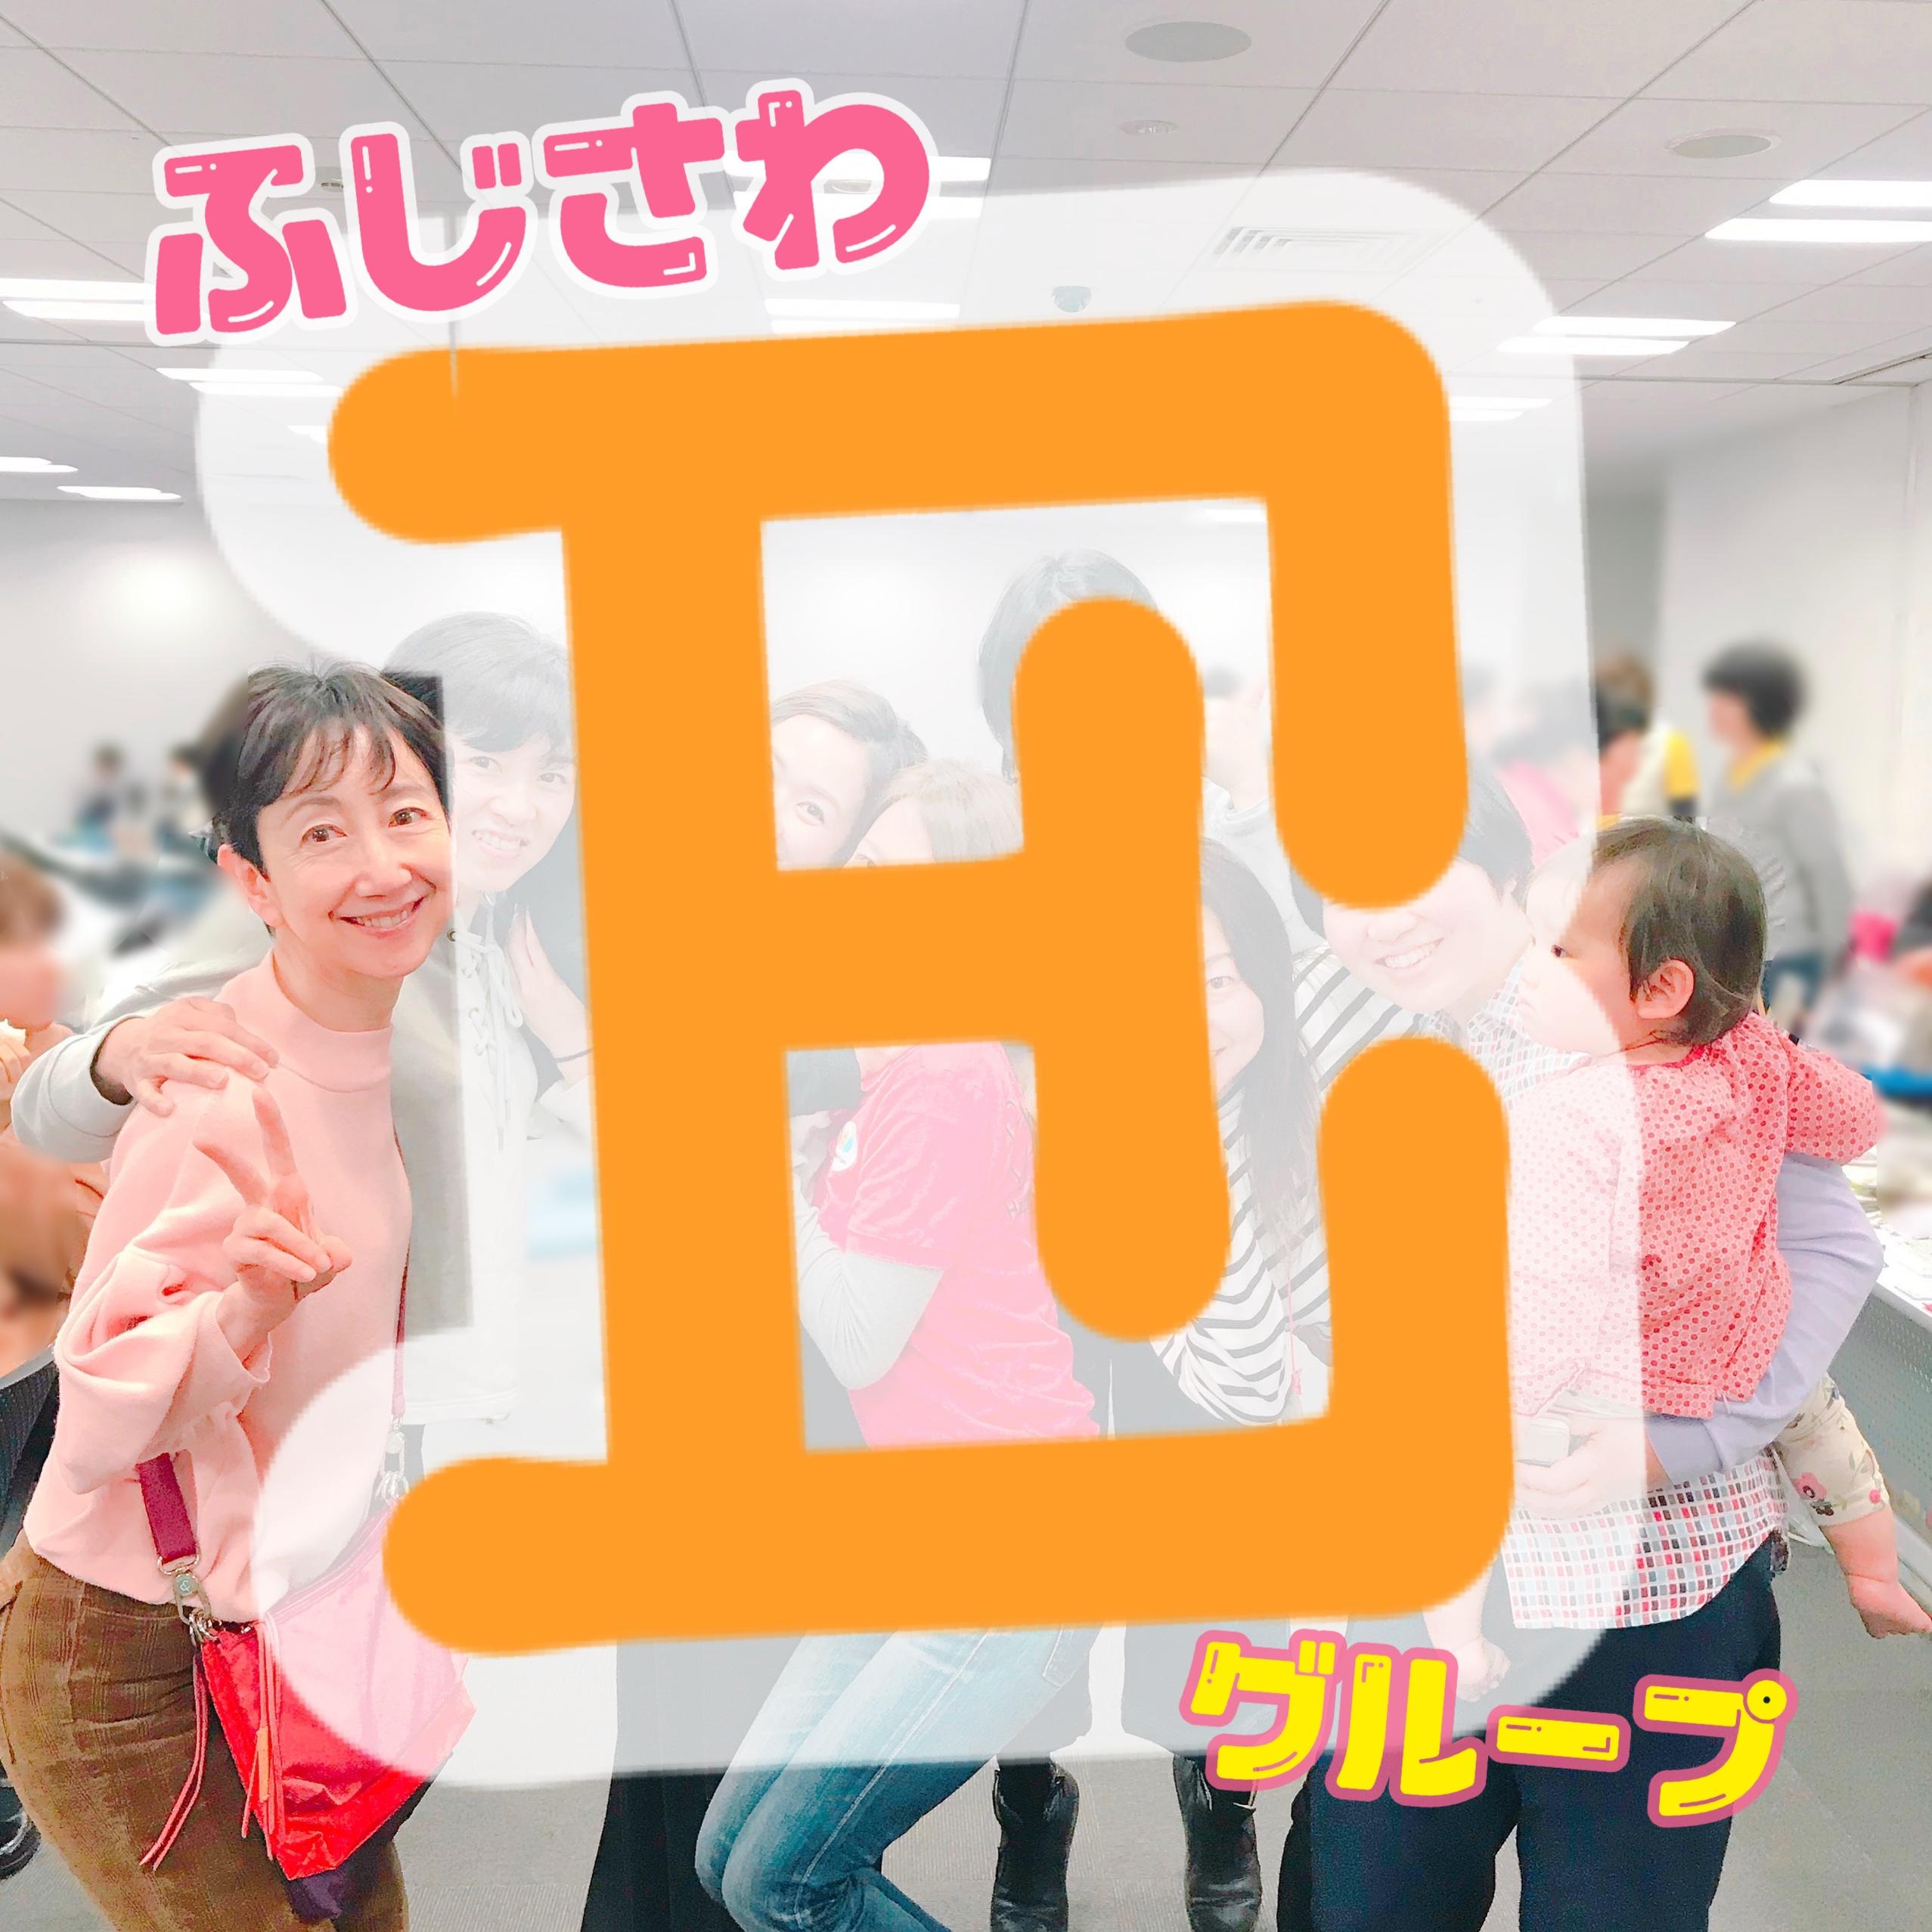 2019/7/30 1010HAPPY 藤沢クラスEグループ